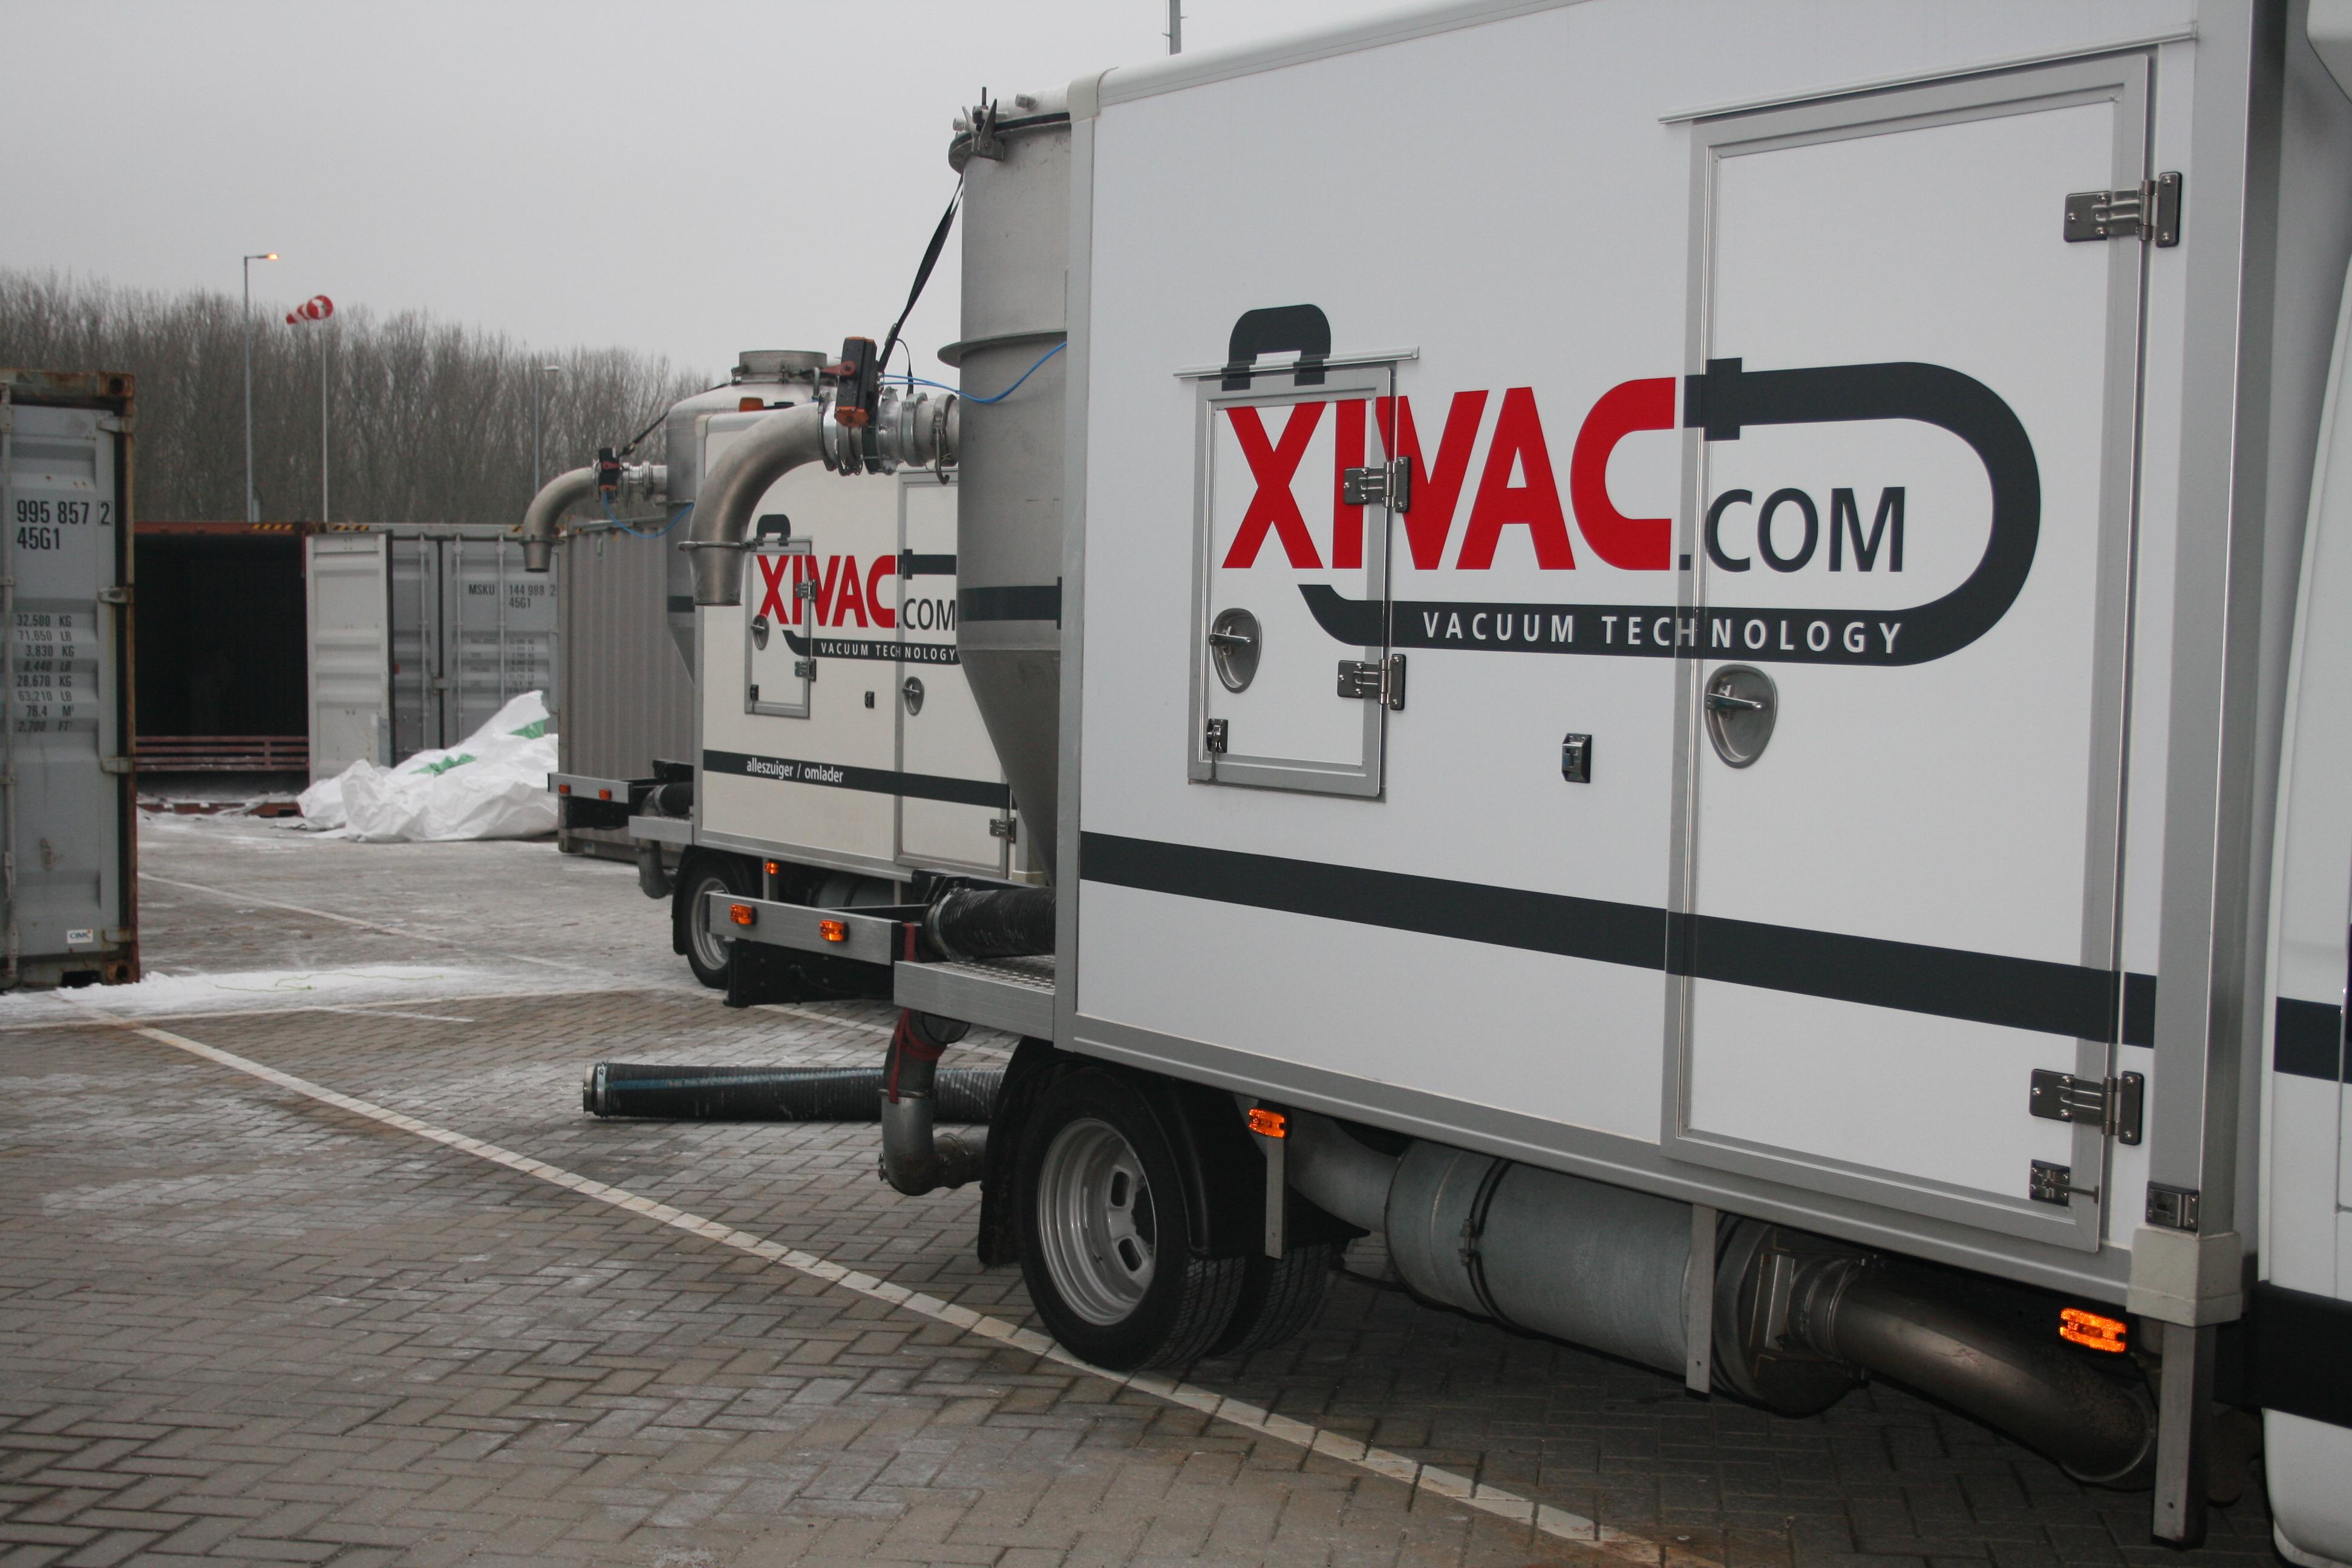 wagens klaar voor gebruik vacuumwagen